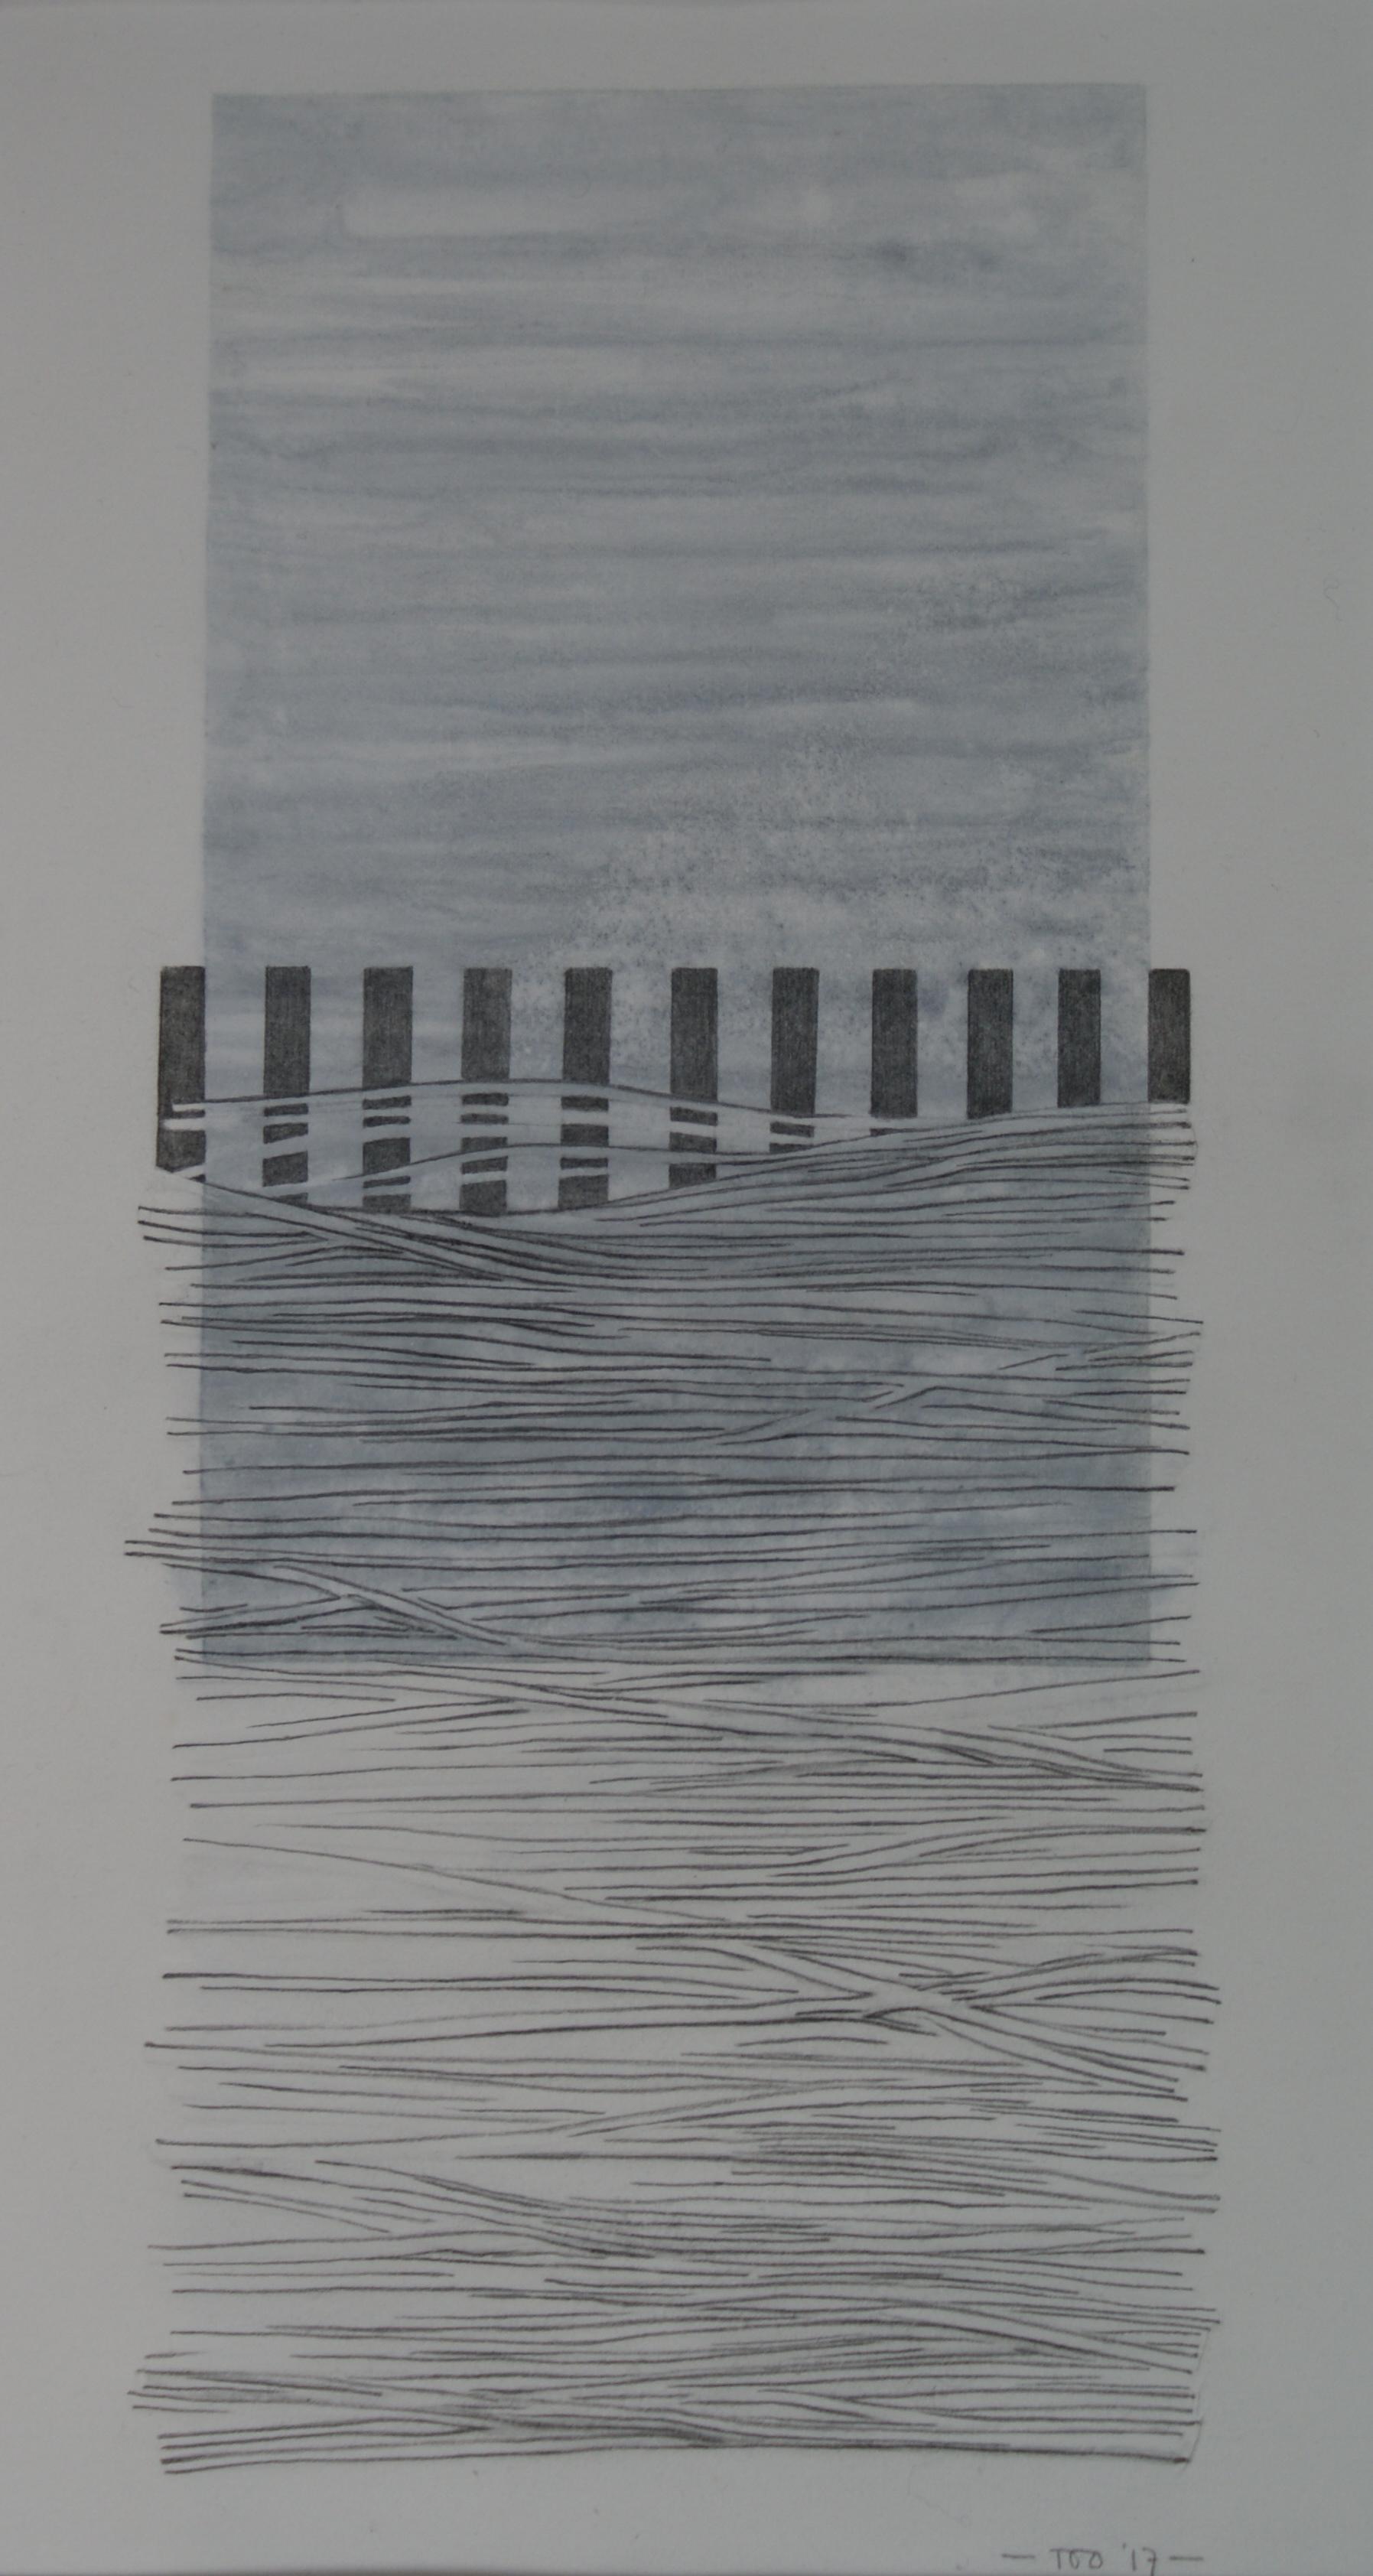 Paalhoofden II, 2017 (blinddruk, aquarel, potlood) 22 cm x 40,5 cm